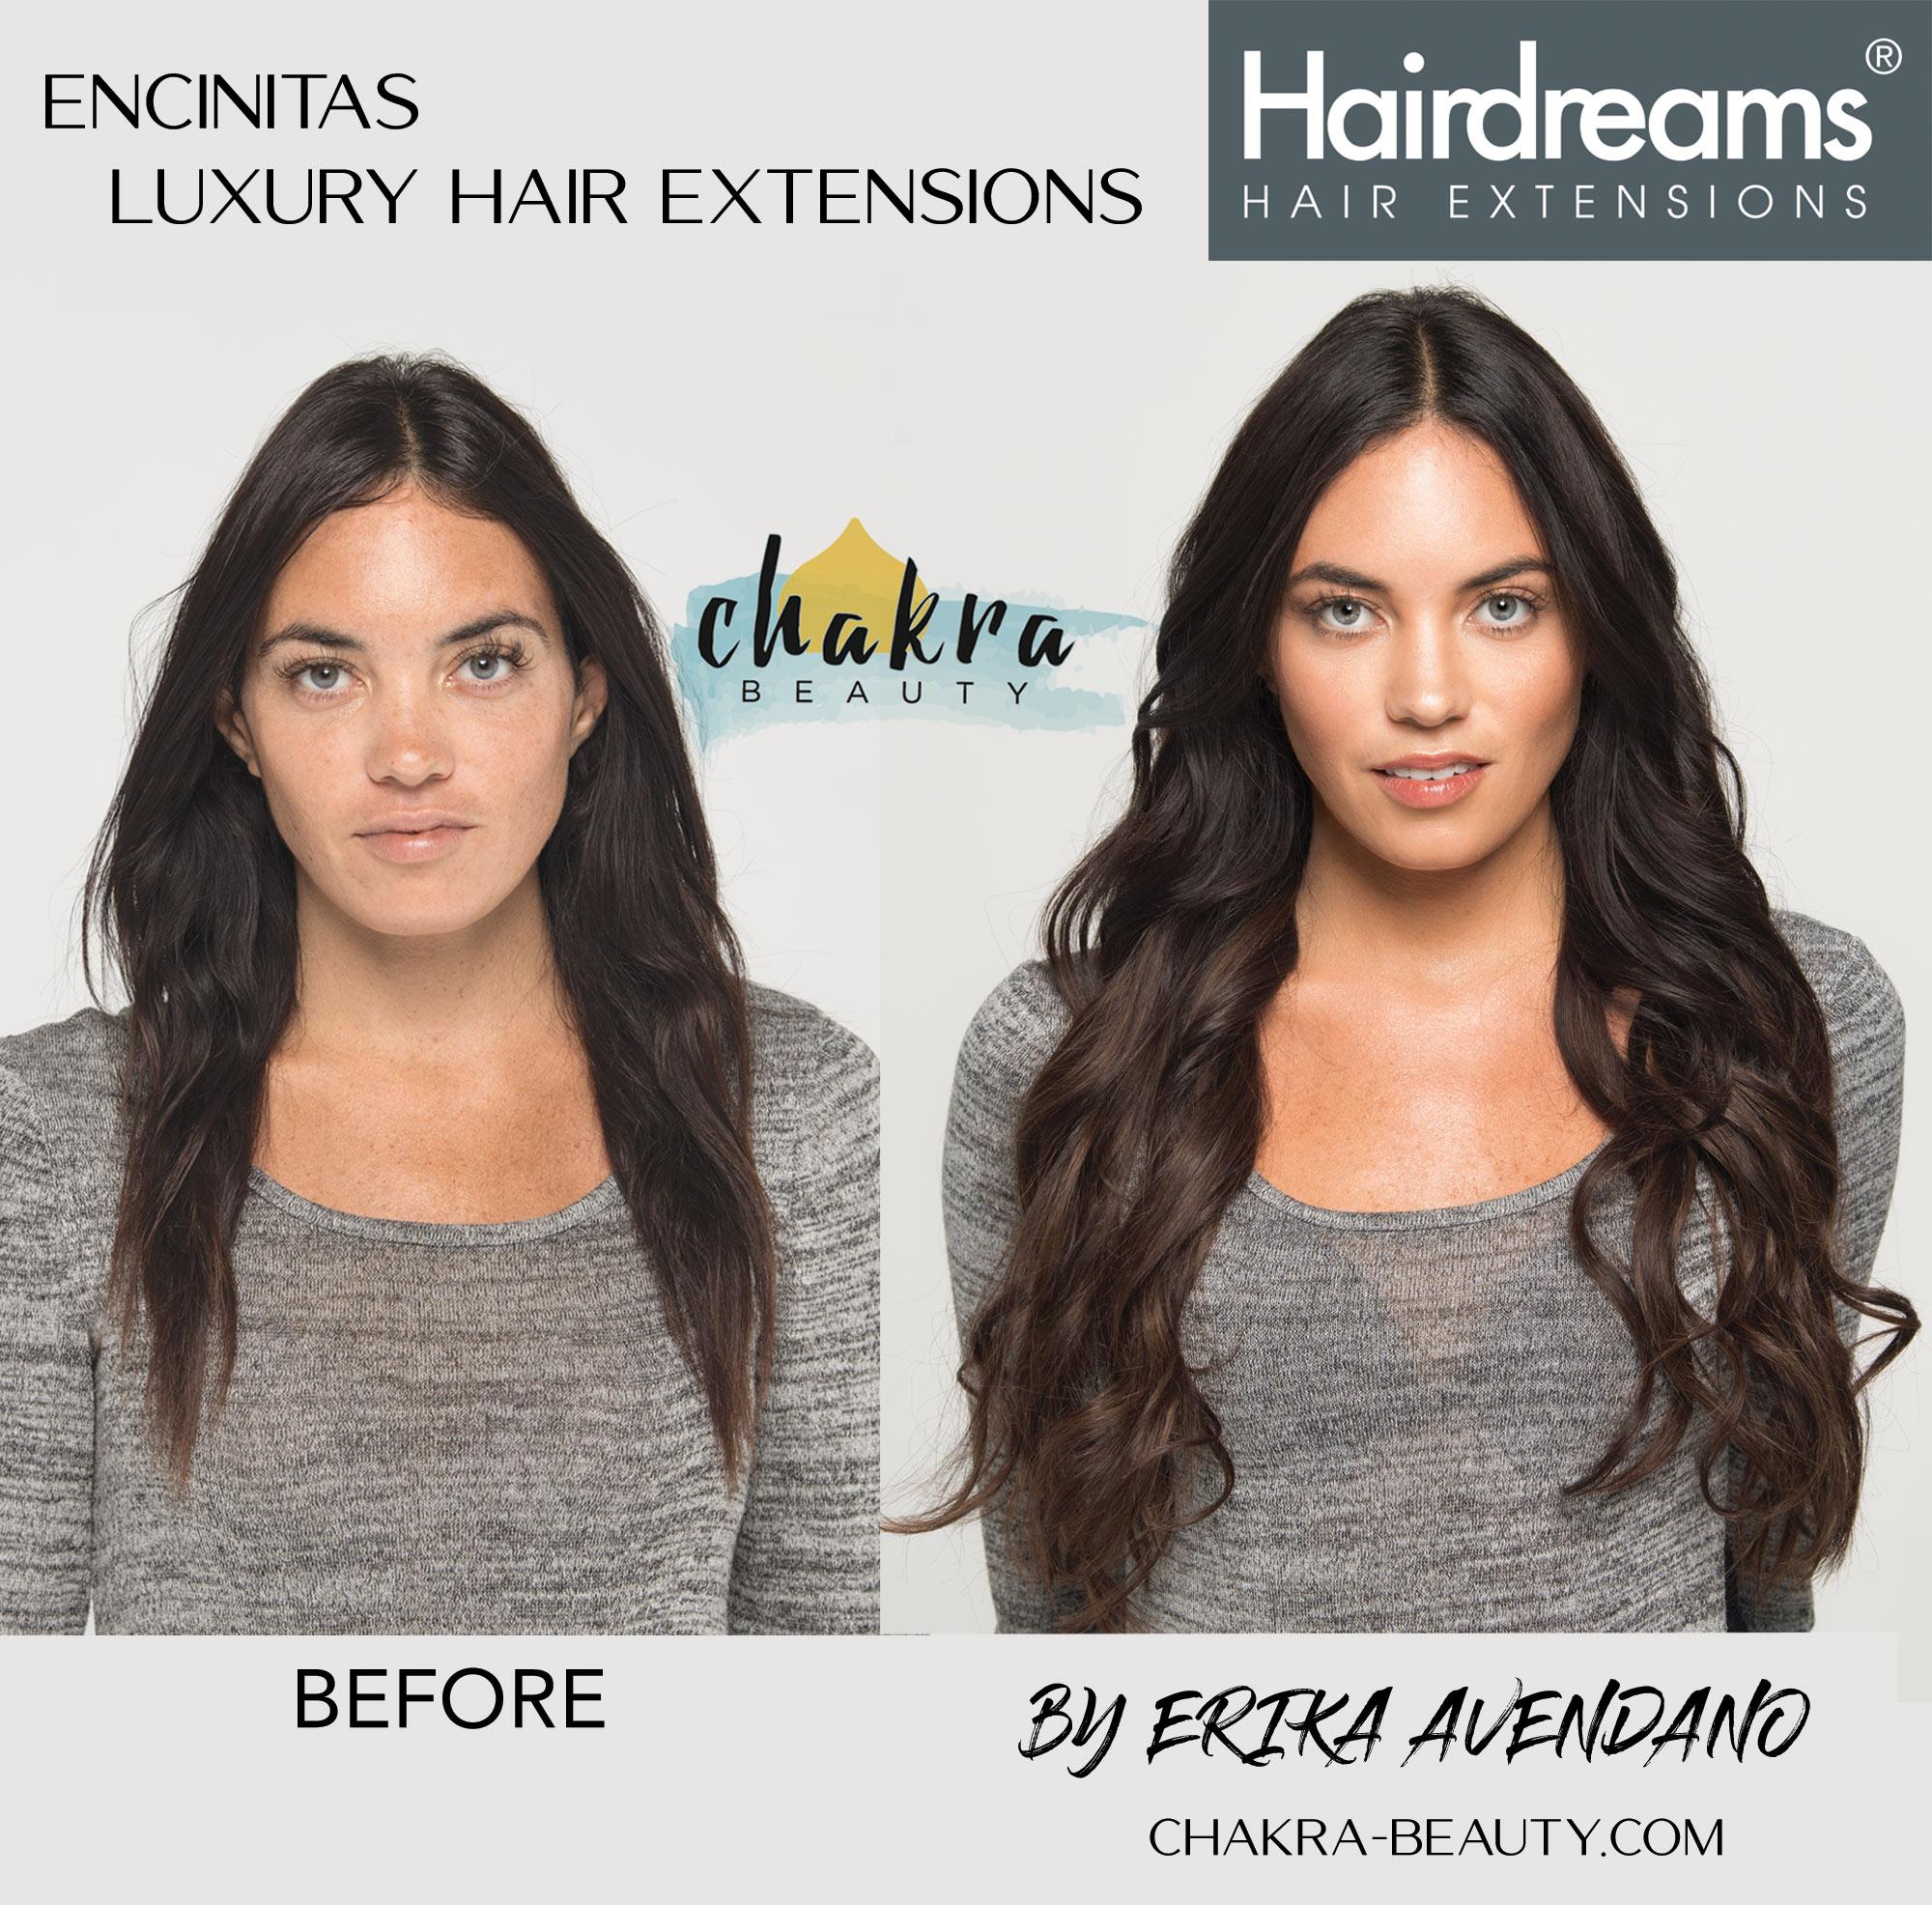 encinitas-hair-extension-salon